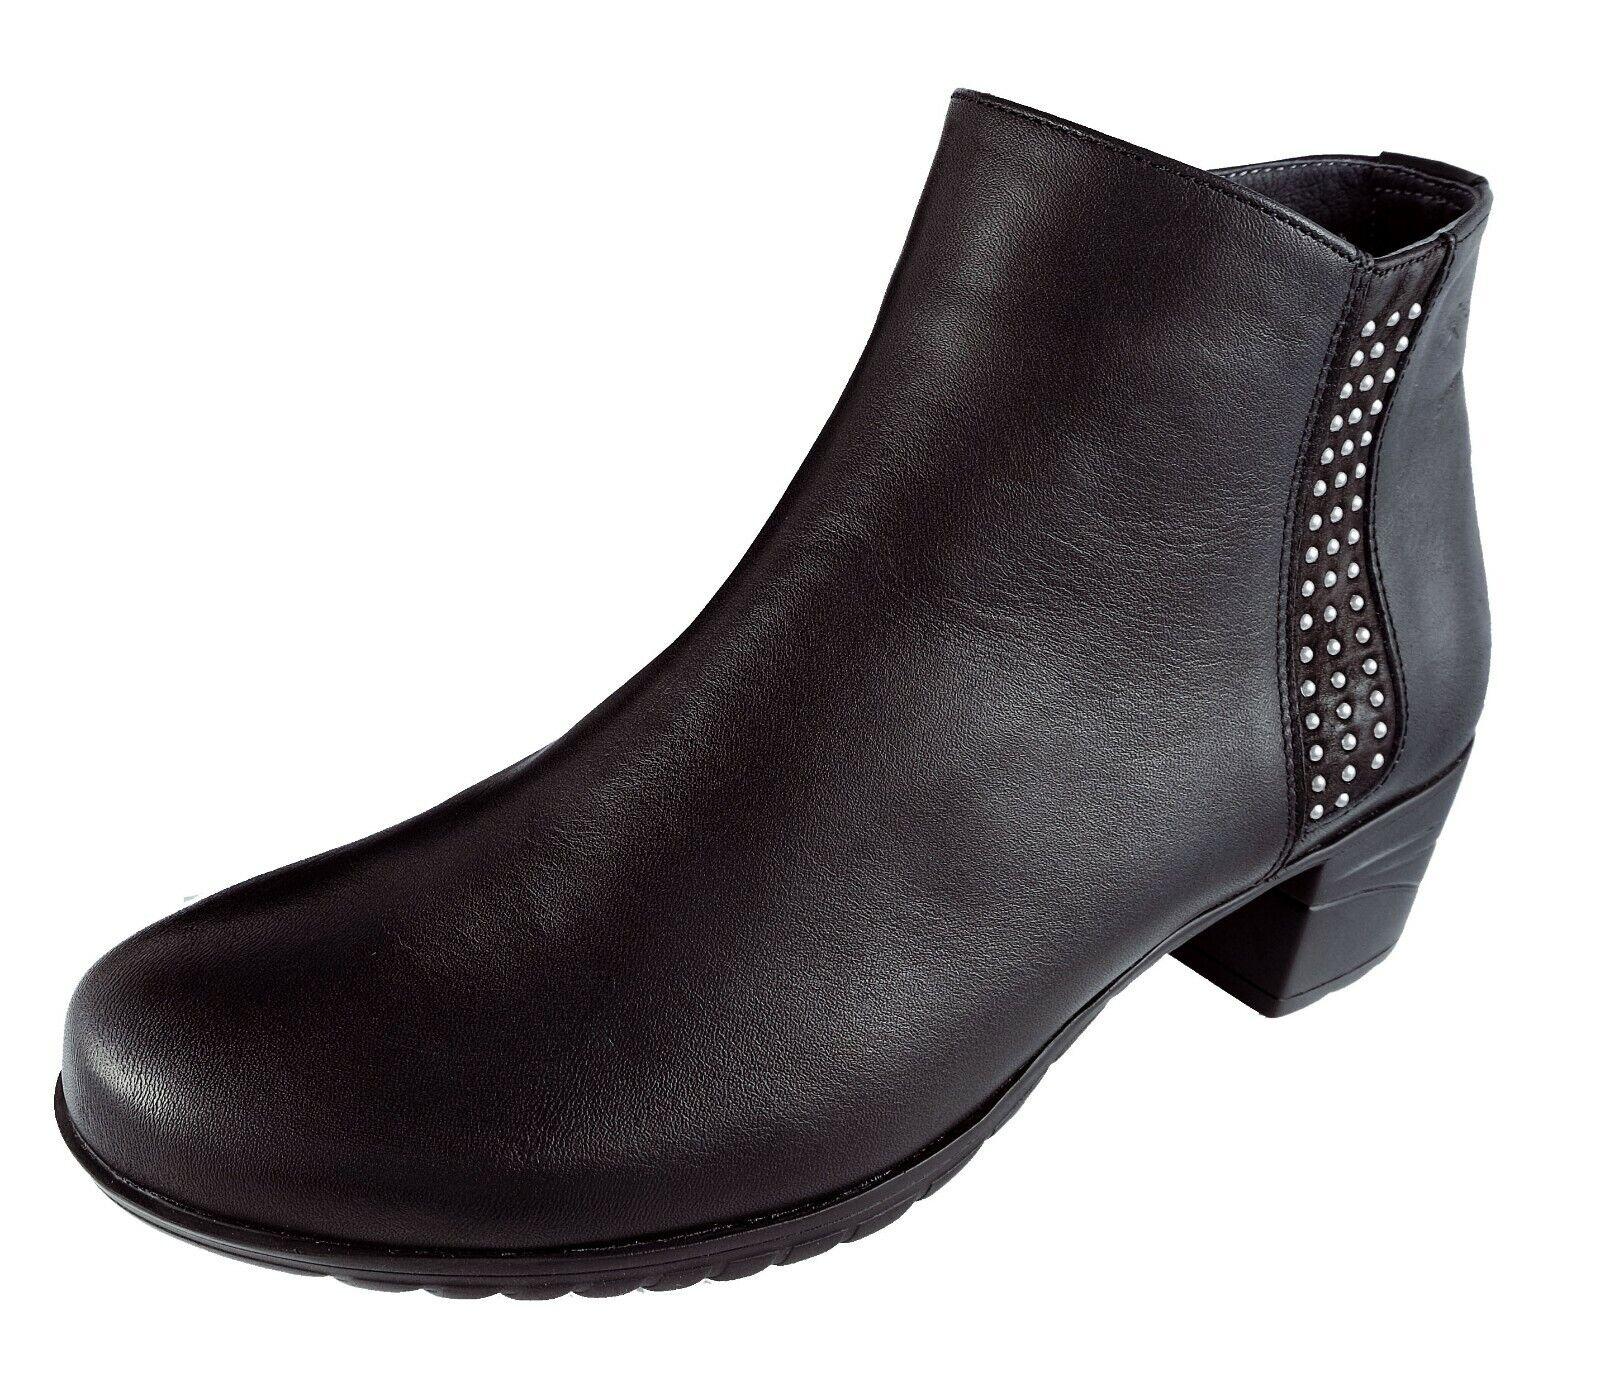 Schuhe Frau   damen Stiefeletten Fluchos Schwarz   Leder Charis Ref.9809